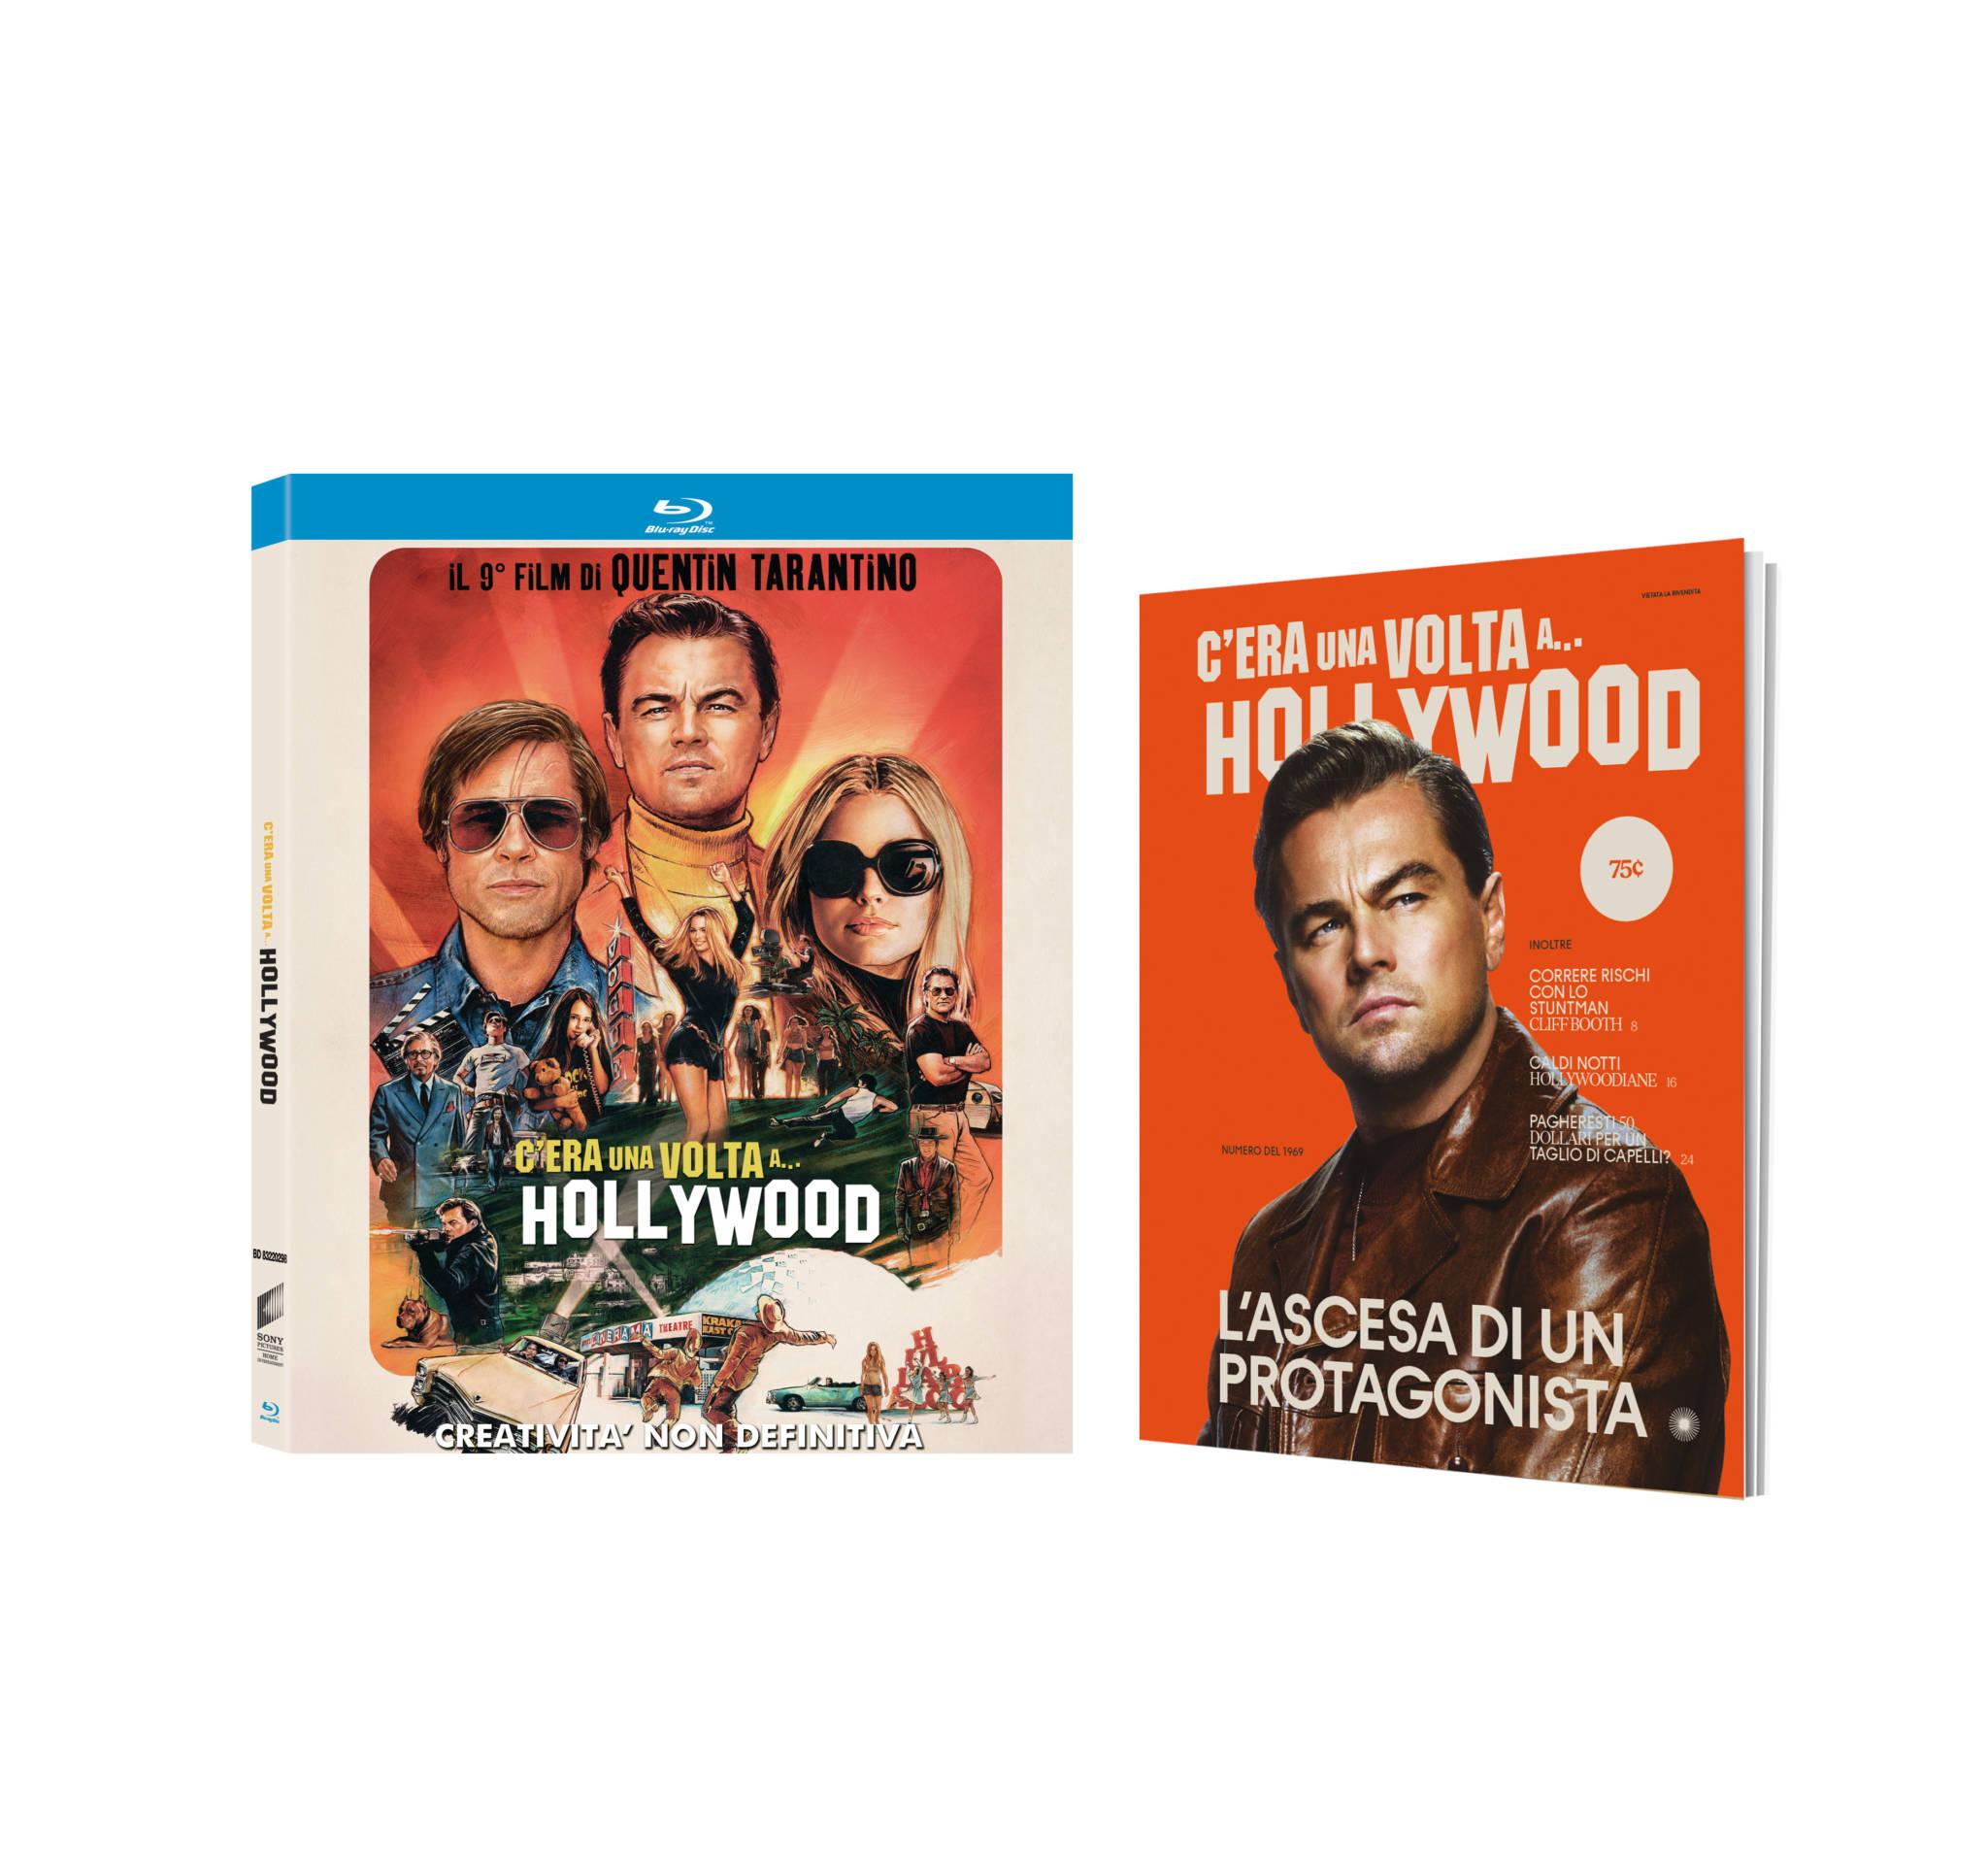 Risultati immagini per C'era una volta a…Hollywood in In Dvd, Blu-ray, Steelbook 4k Ultra HD Digital HD